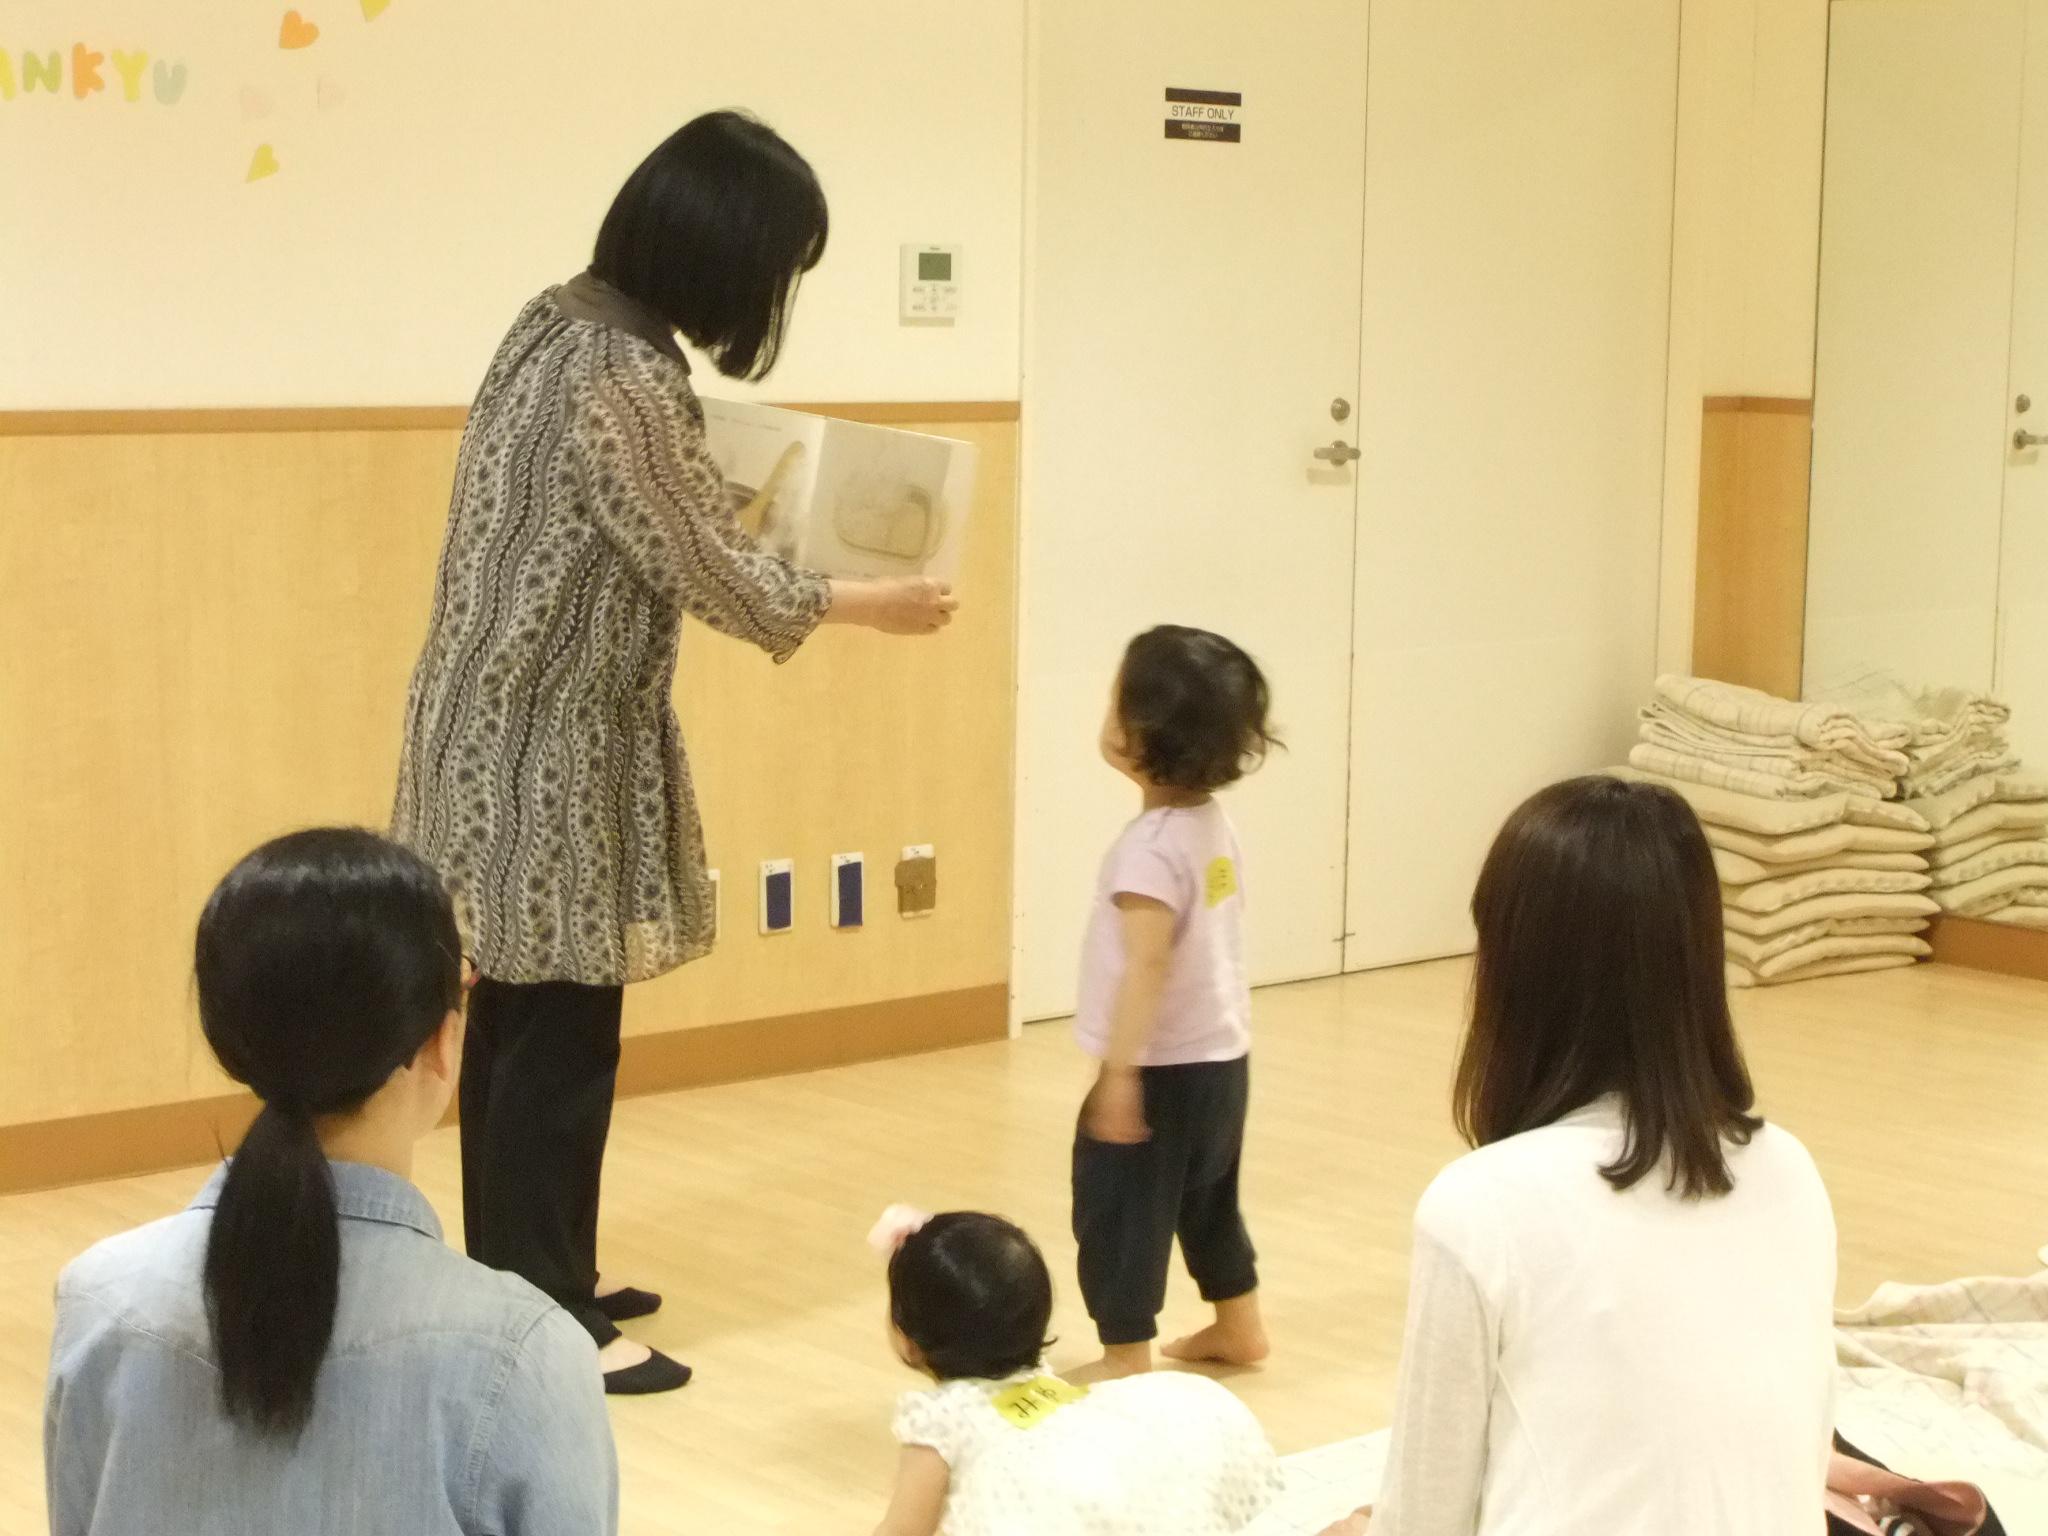 2歳のお子様がいるパパママ必見!おすすめの絵本をご紹介します☆のサムネイル画像